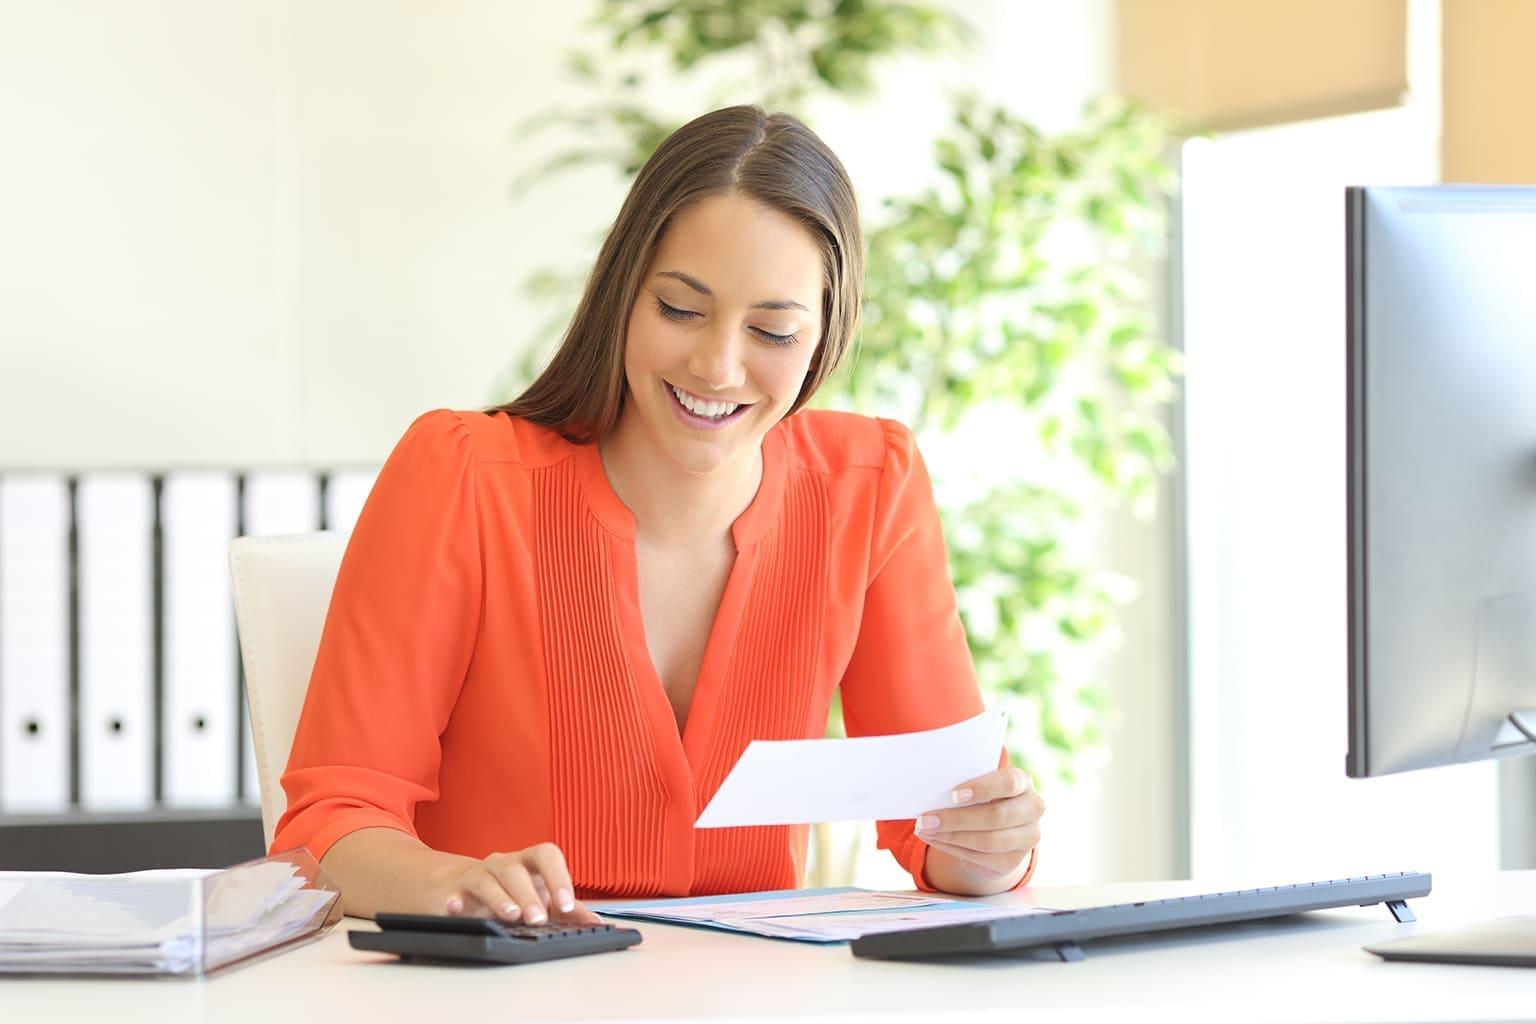 vrouw aan het werk in kantoor